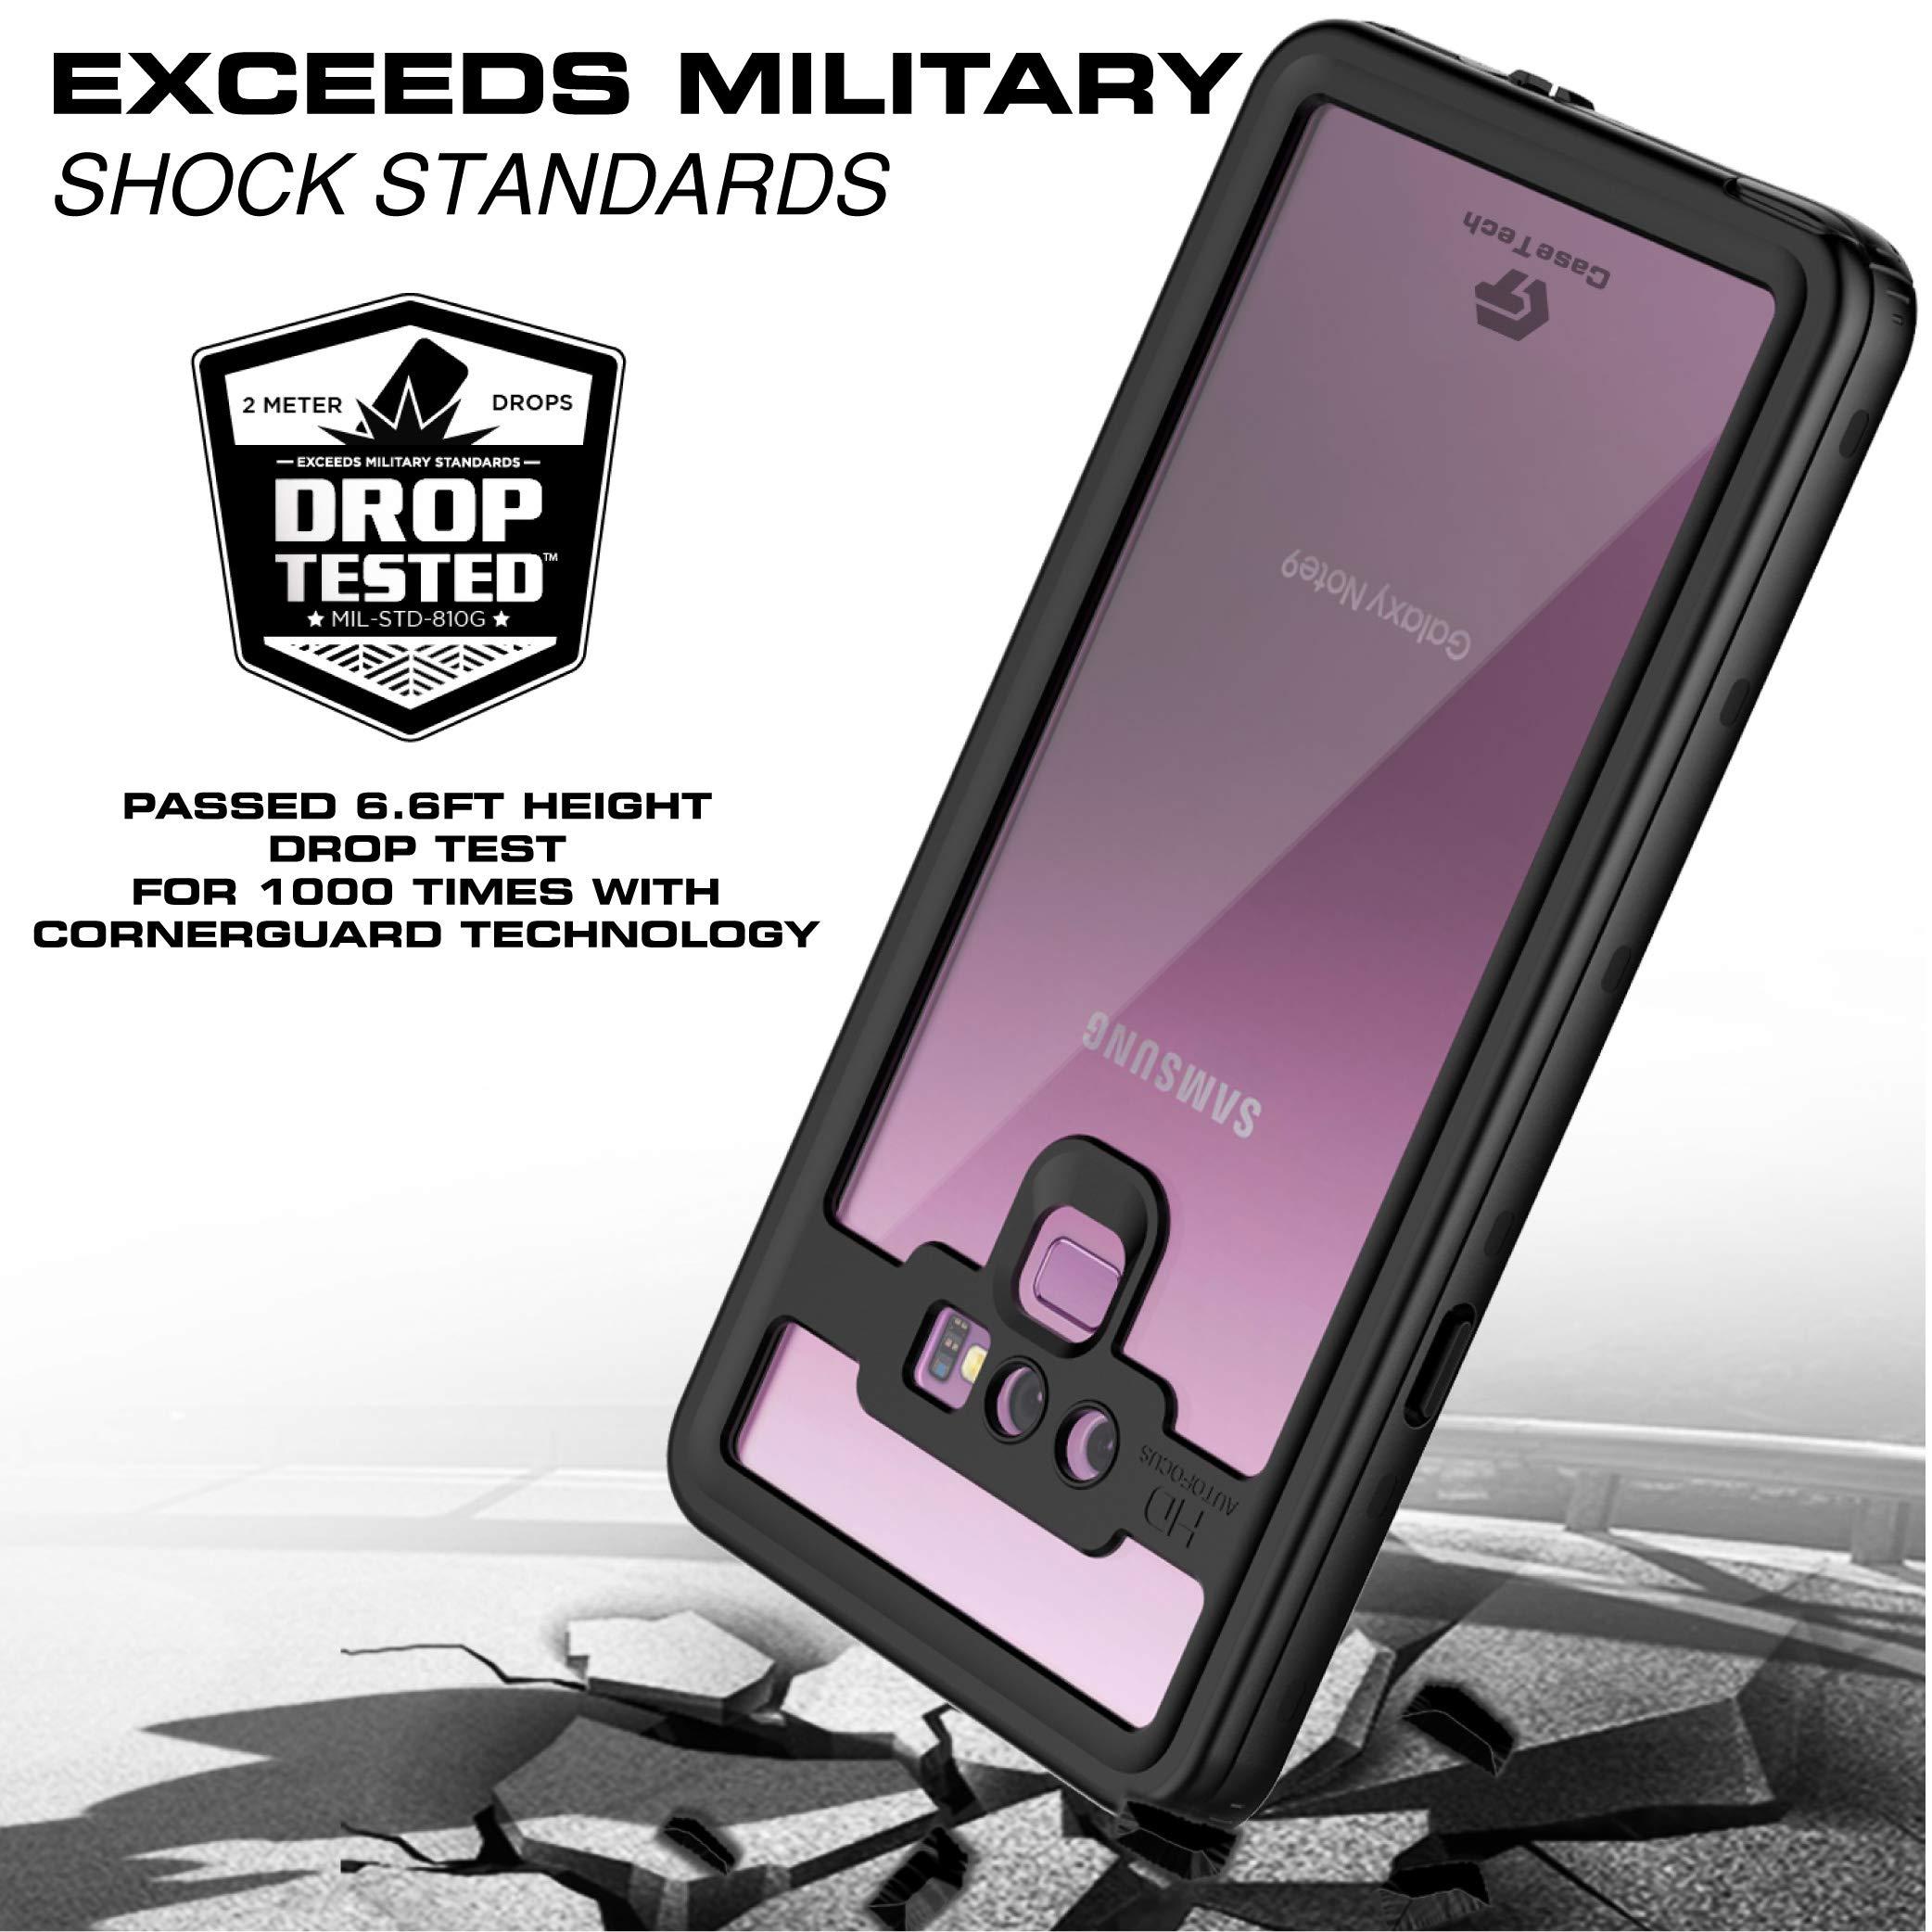 Galaxy Note 9 Case Waterproof IP68 Certified Shockproof Dirtproof Heavy Duty Rugged Armor Cover (Black)